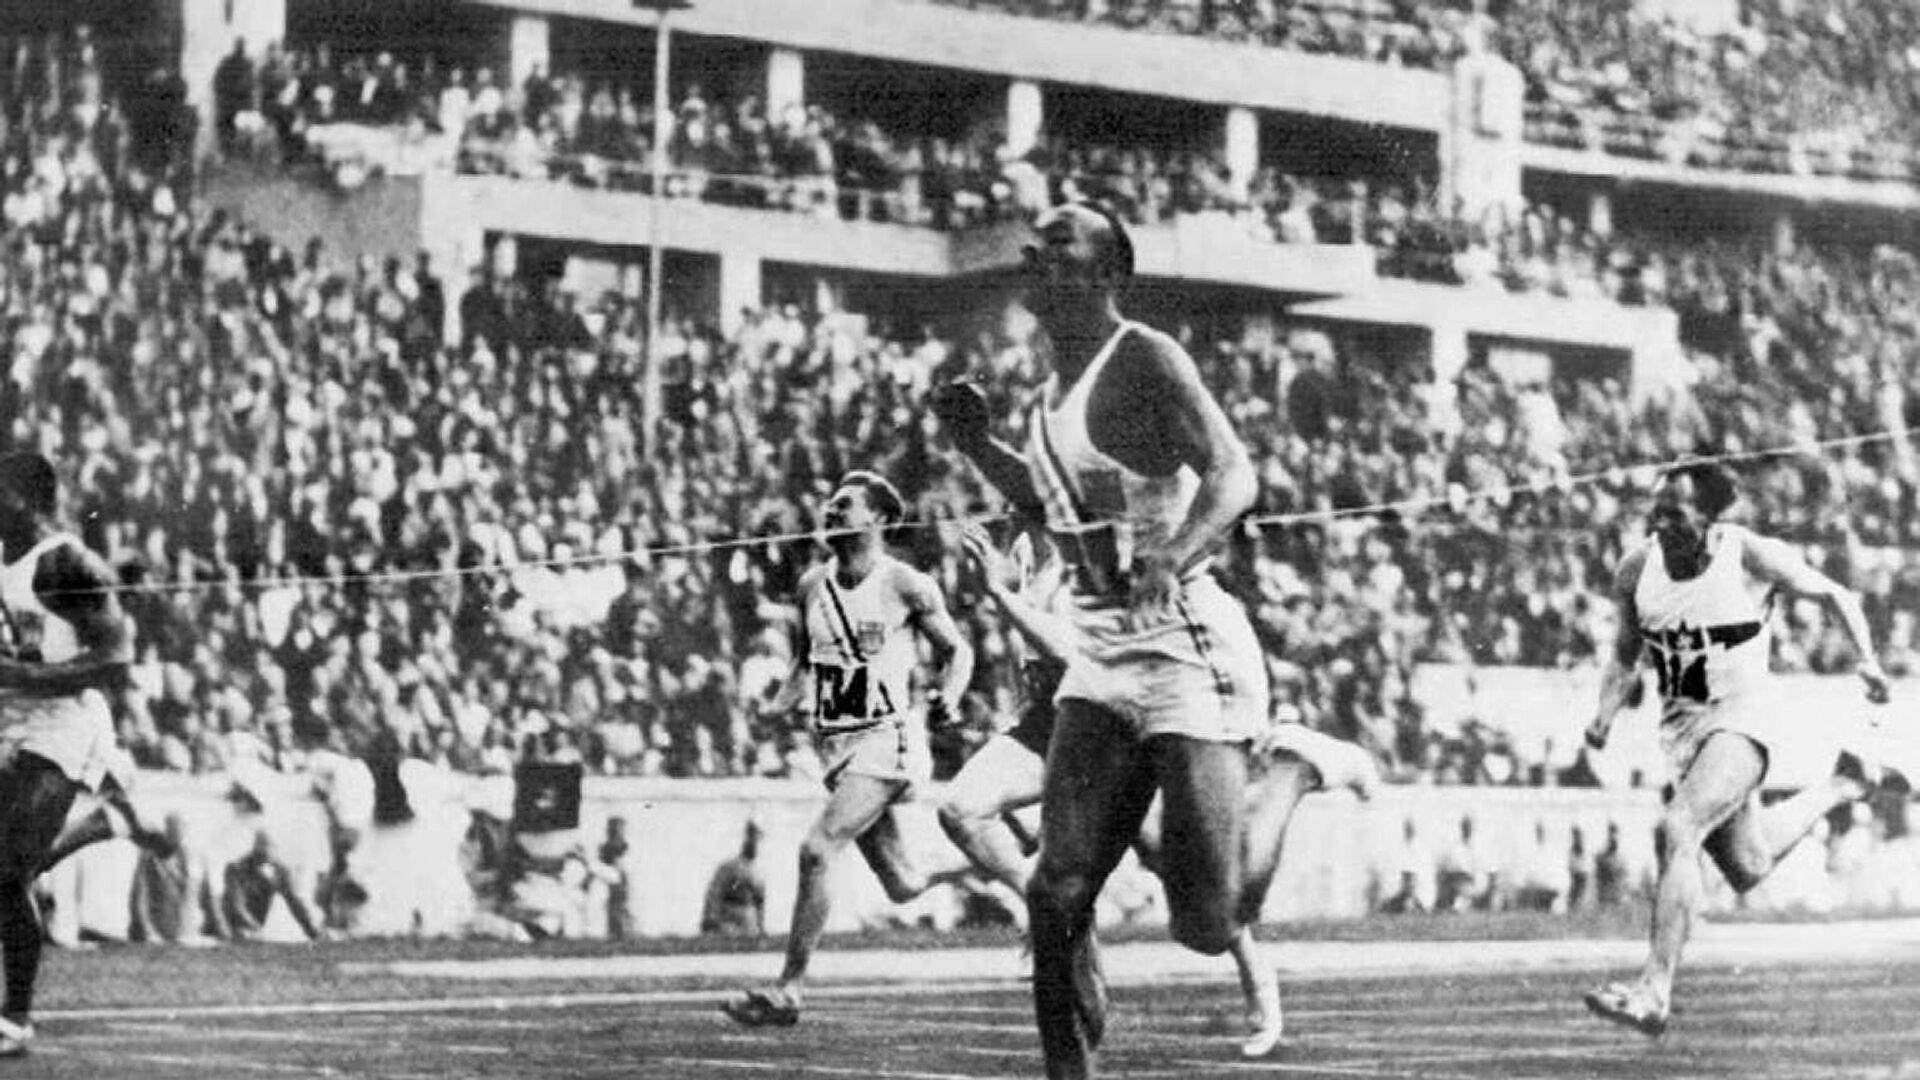 Американский атлет Джесси Оуэнс пересекает финишную черту в забеге на 100 метров на Олимпиаде 1936 года в Берлине - РИА Новости, 1920, 04.07.2021